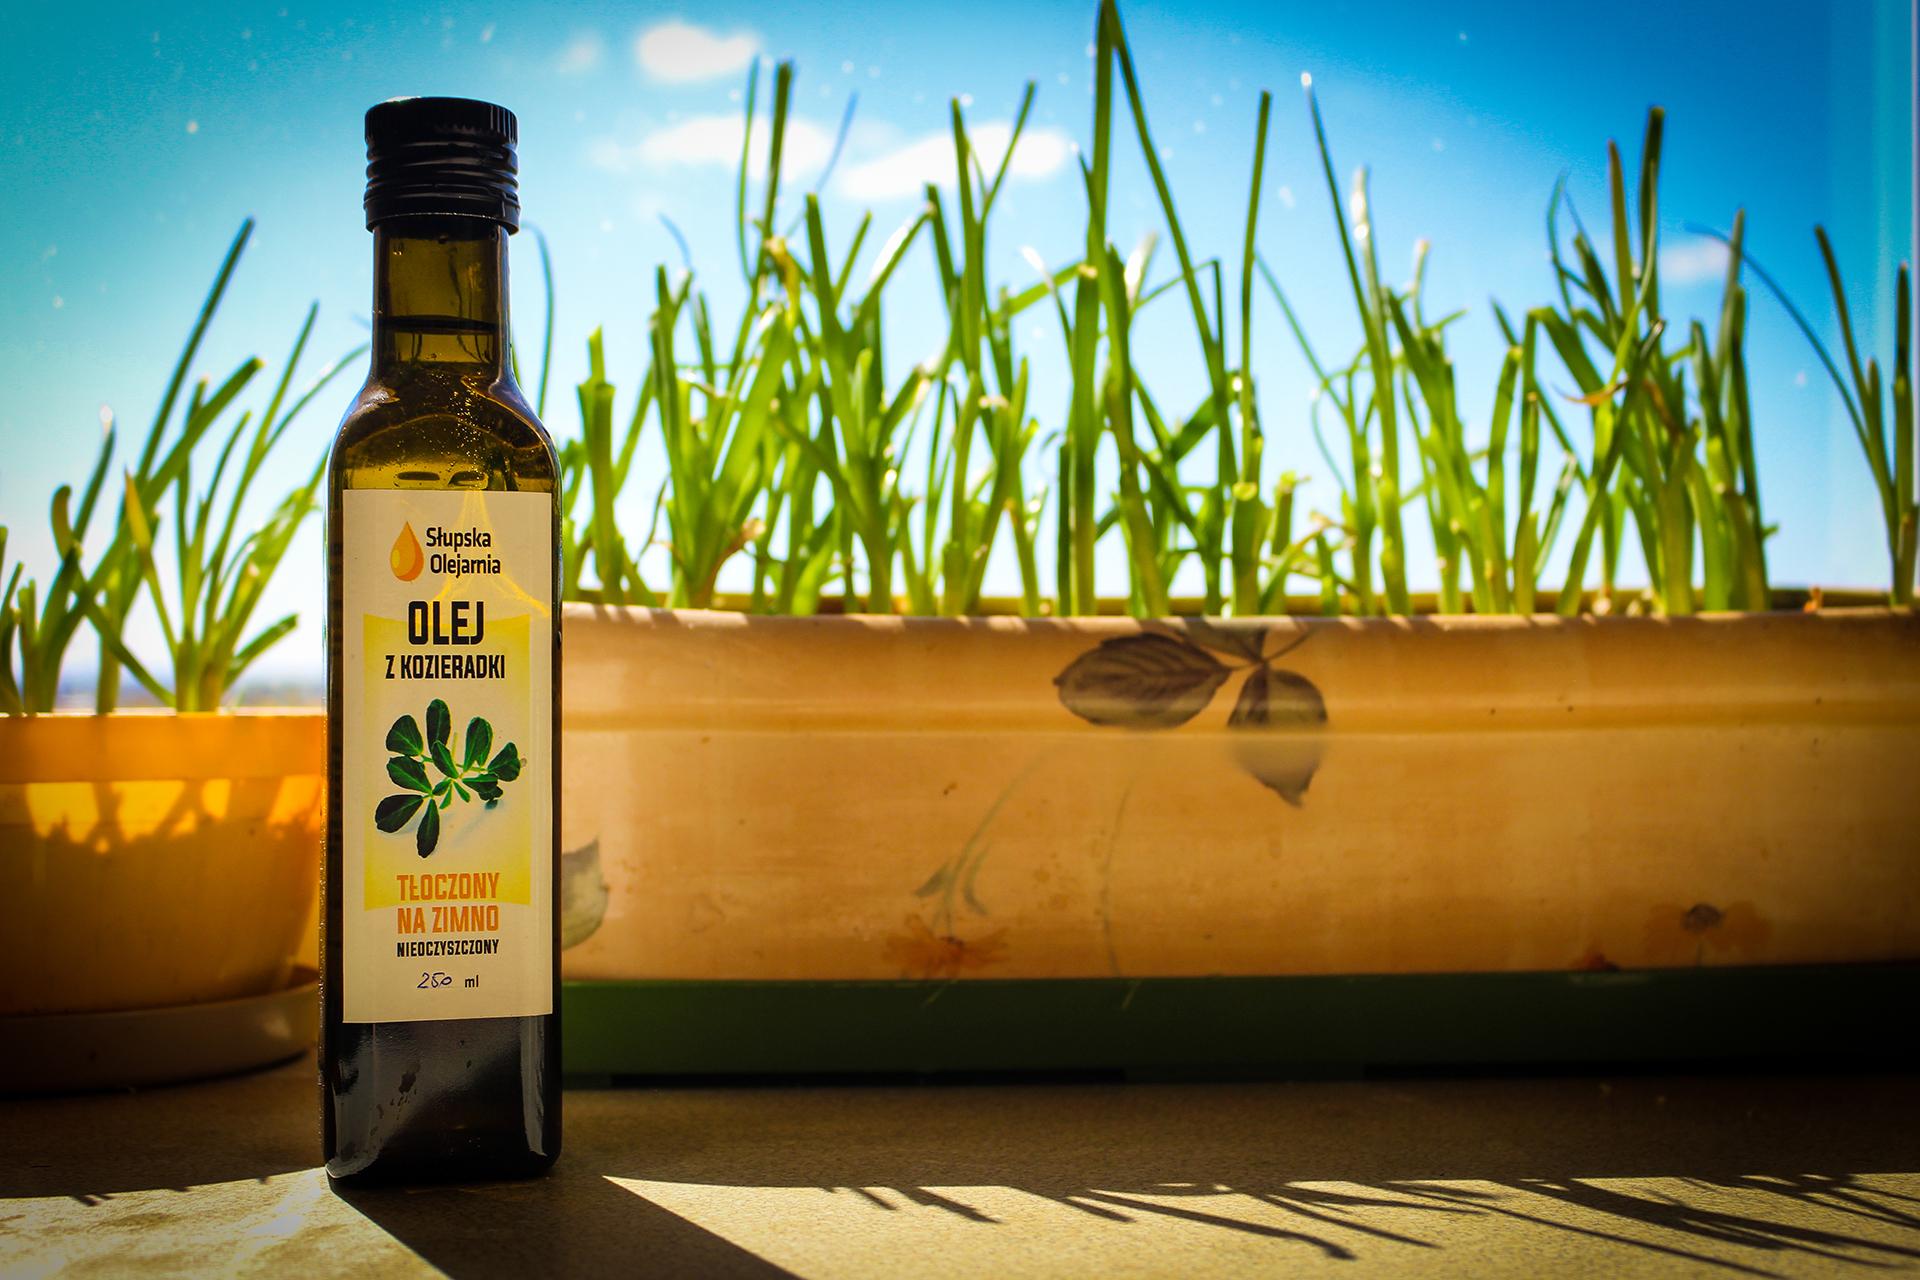 Olej z kozieradki a 250 ml